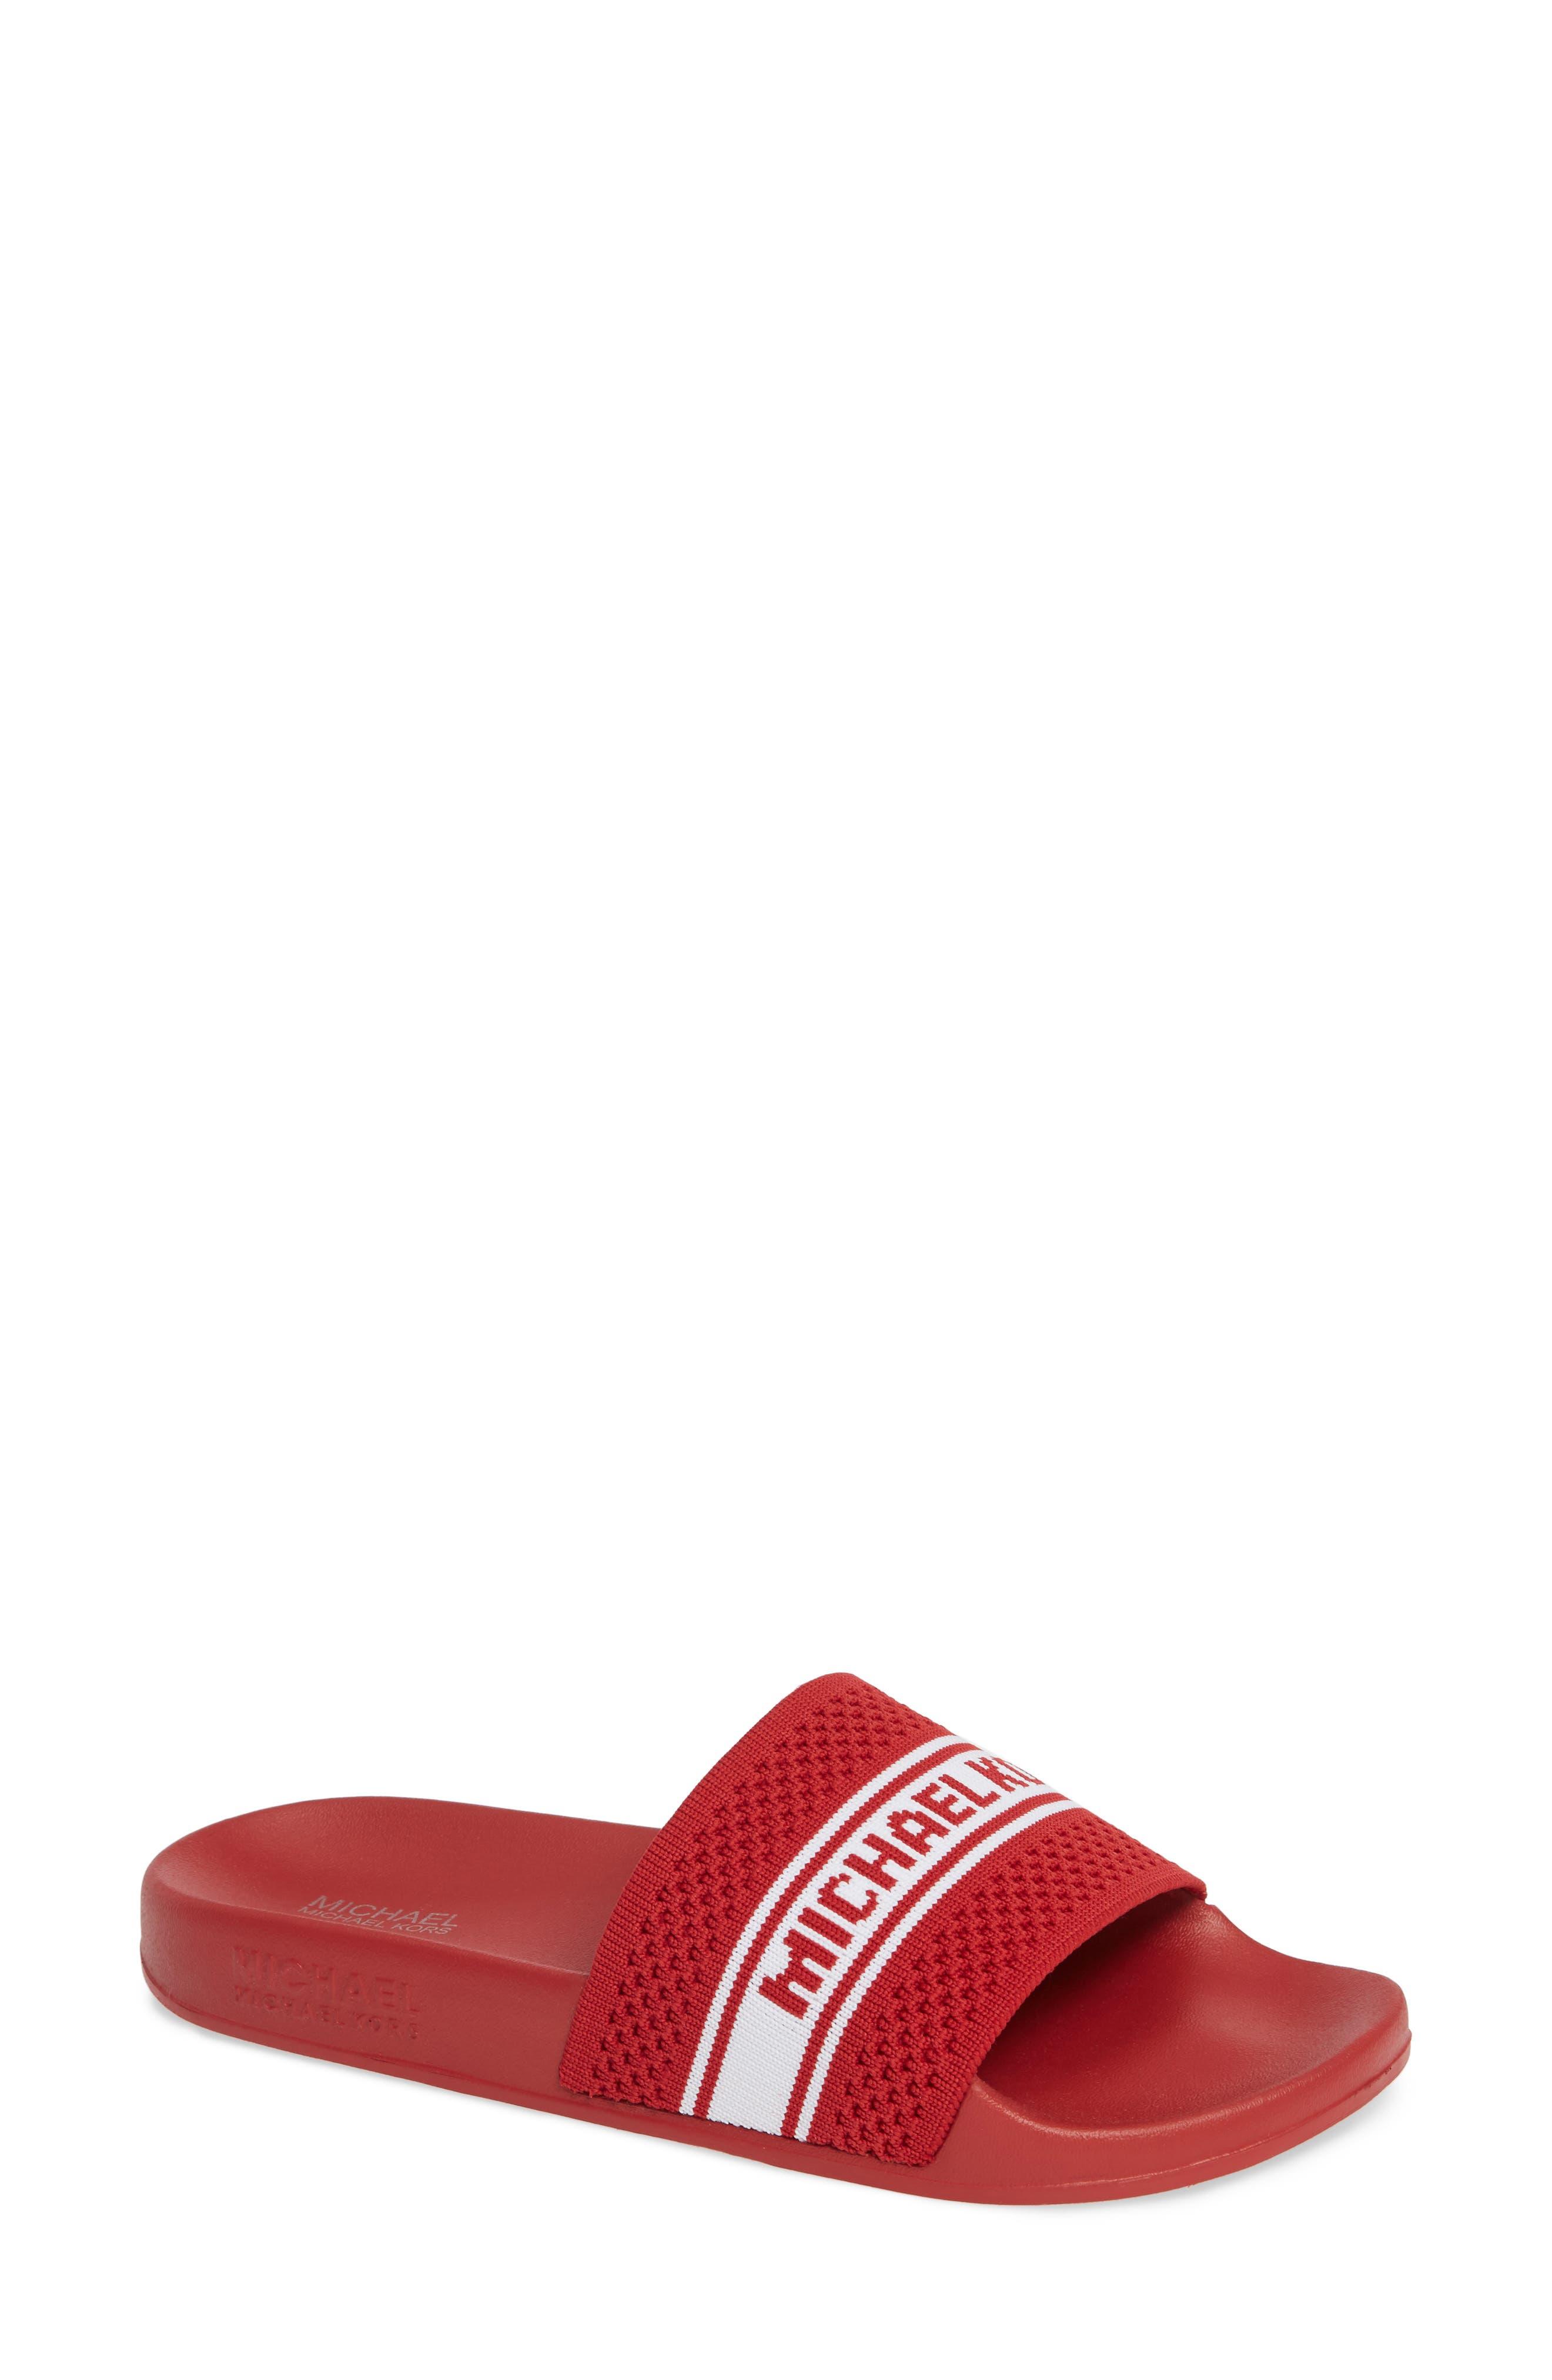 Michael Michael Kors Gilmore Slide Sandal, Red